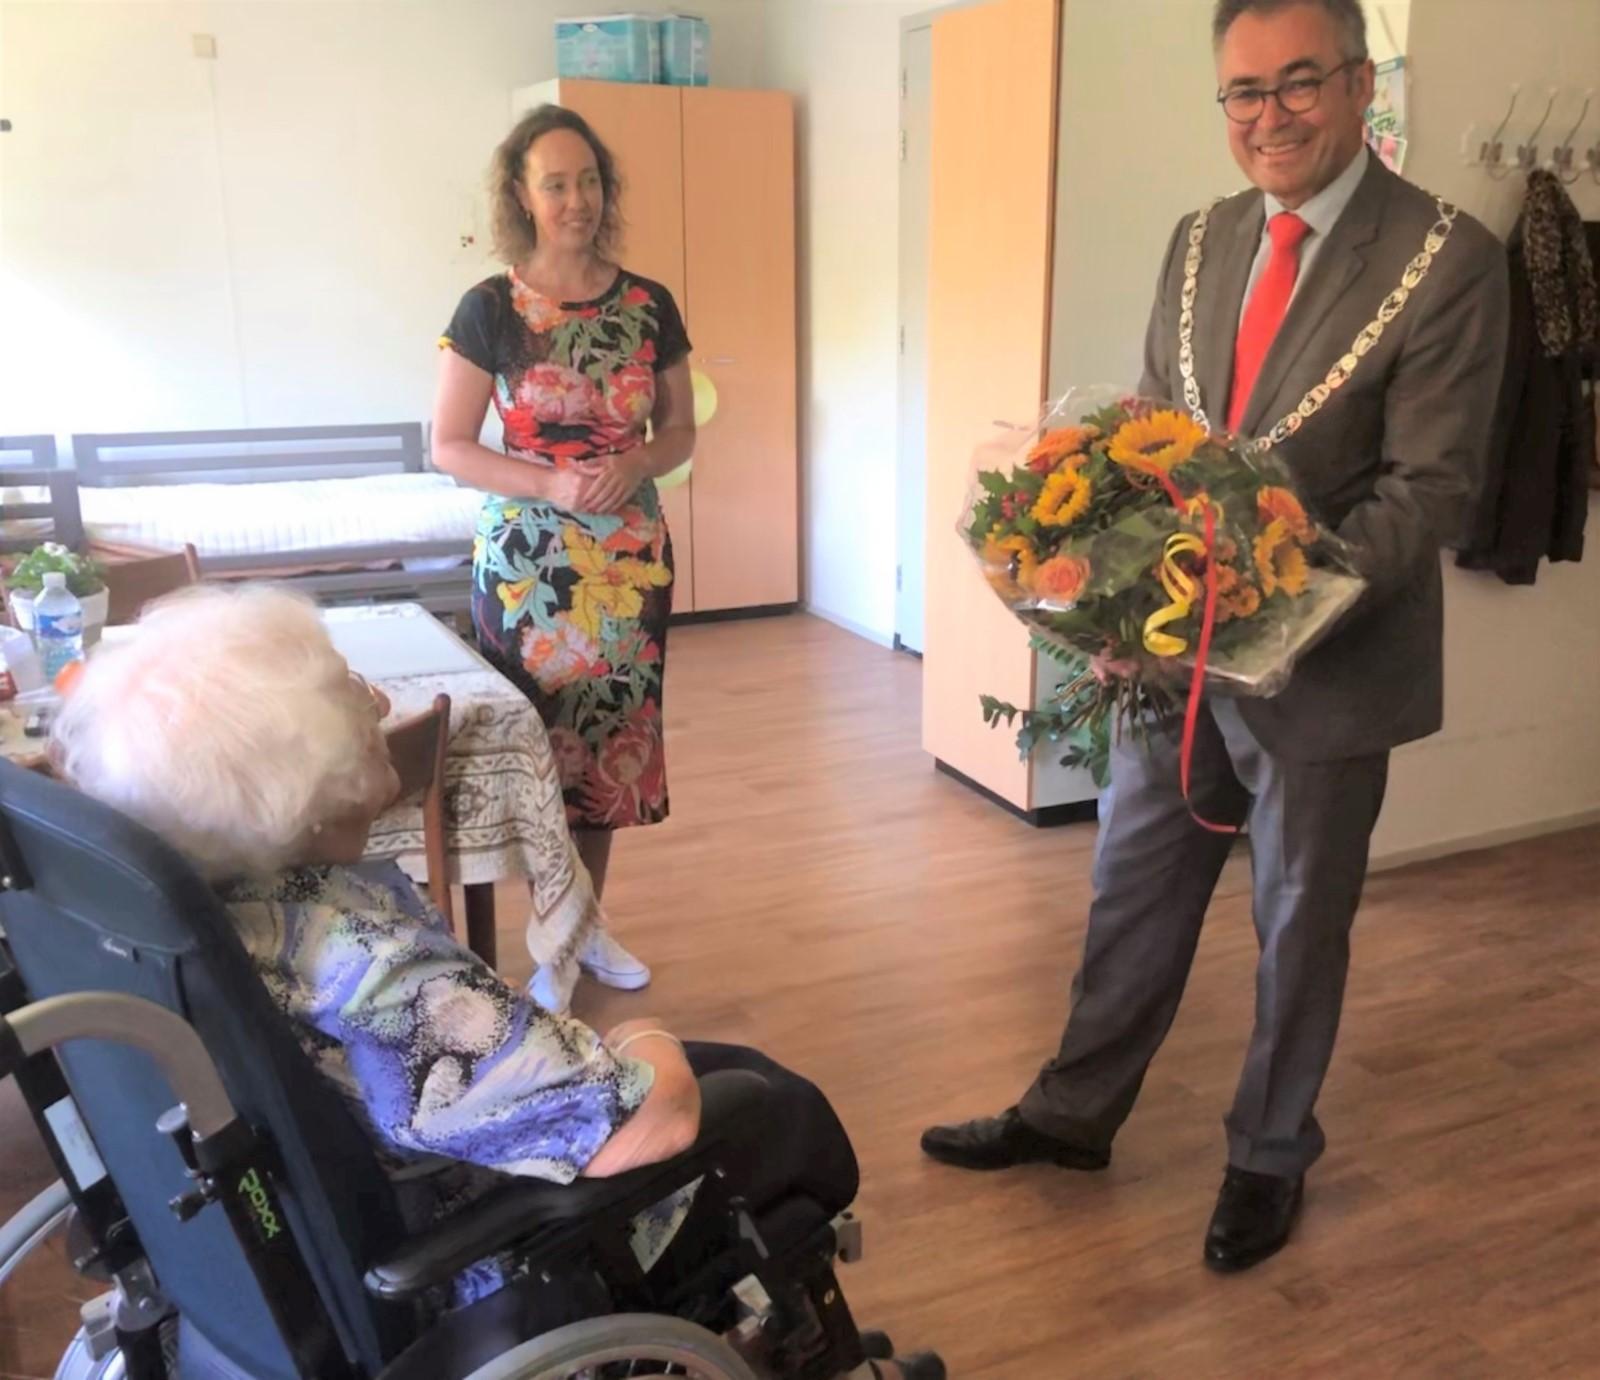 Mevrouw De Leeuw in De Molenburg wordt 106 jaar maar danst nog steeds